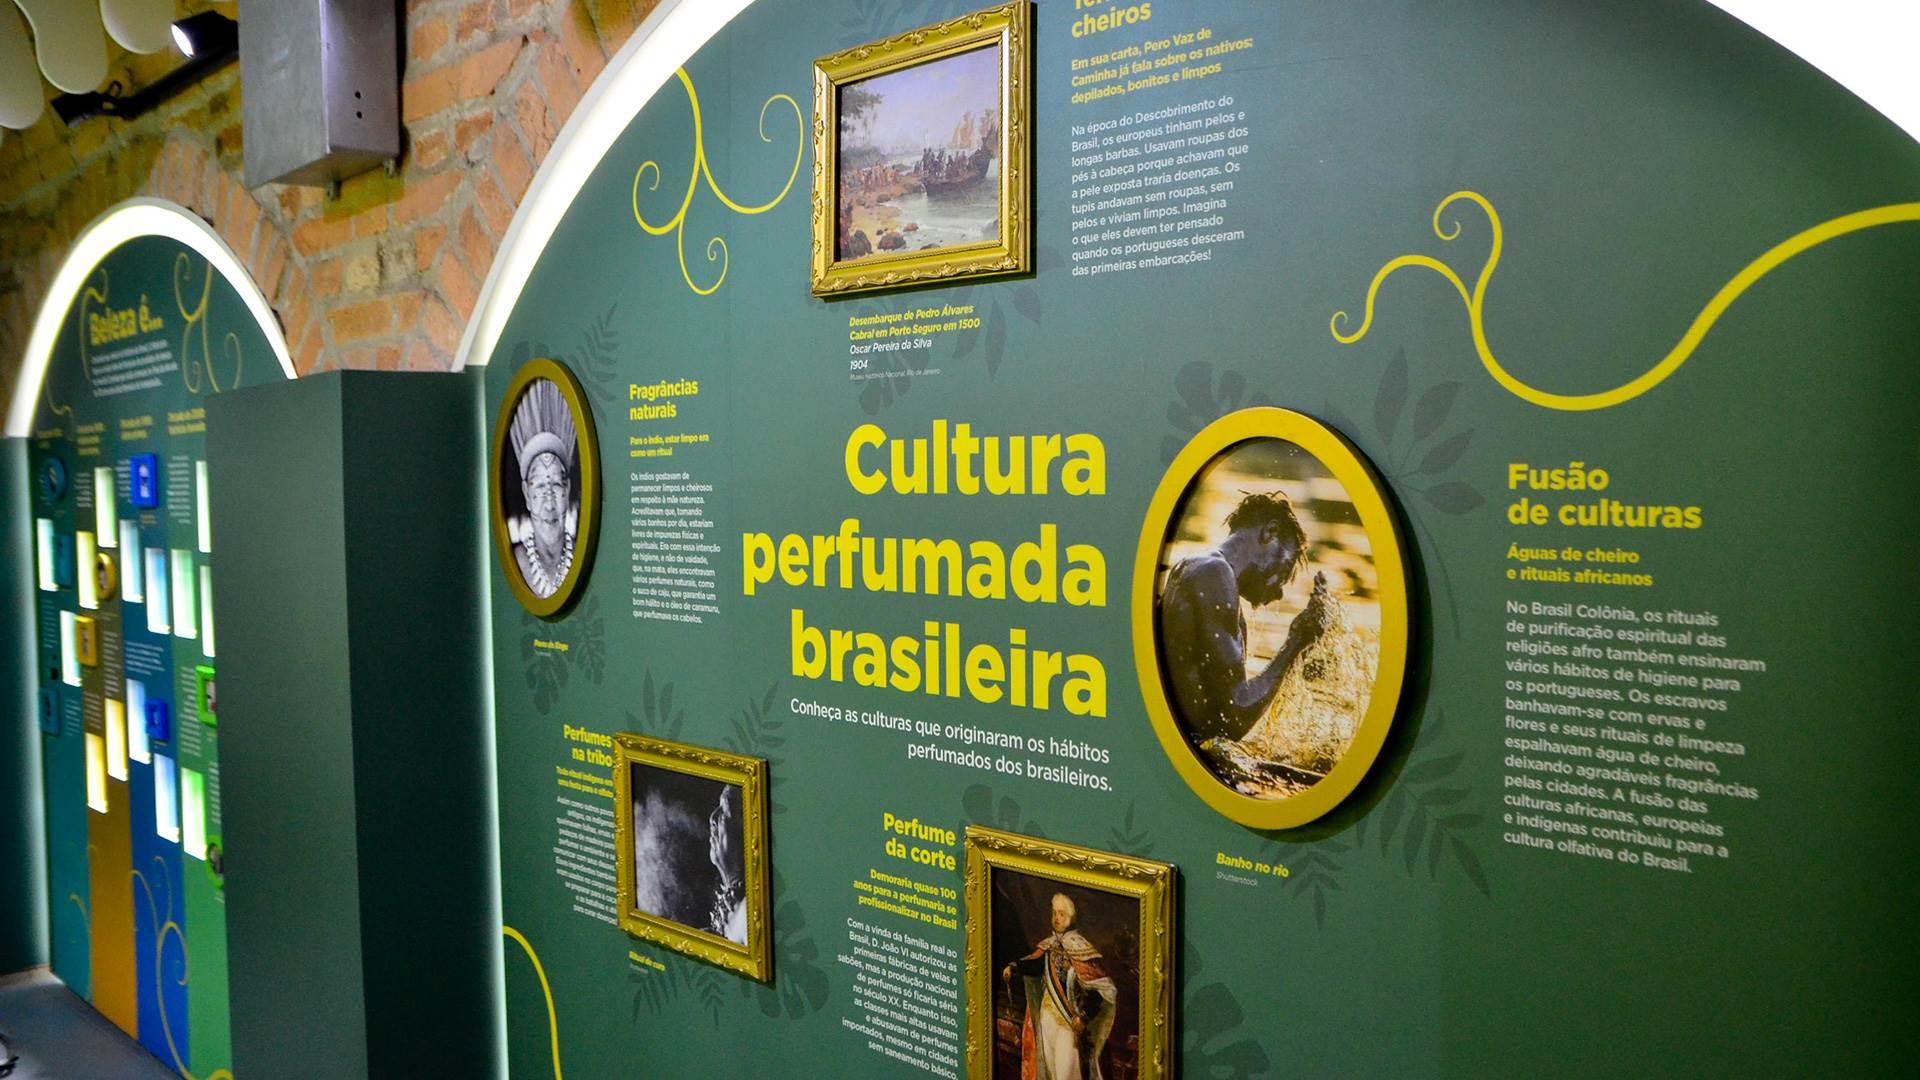 As fragrâncias no Brasil, exposição do perfume